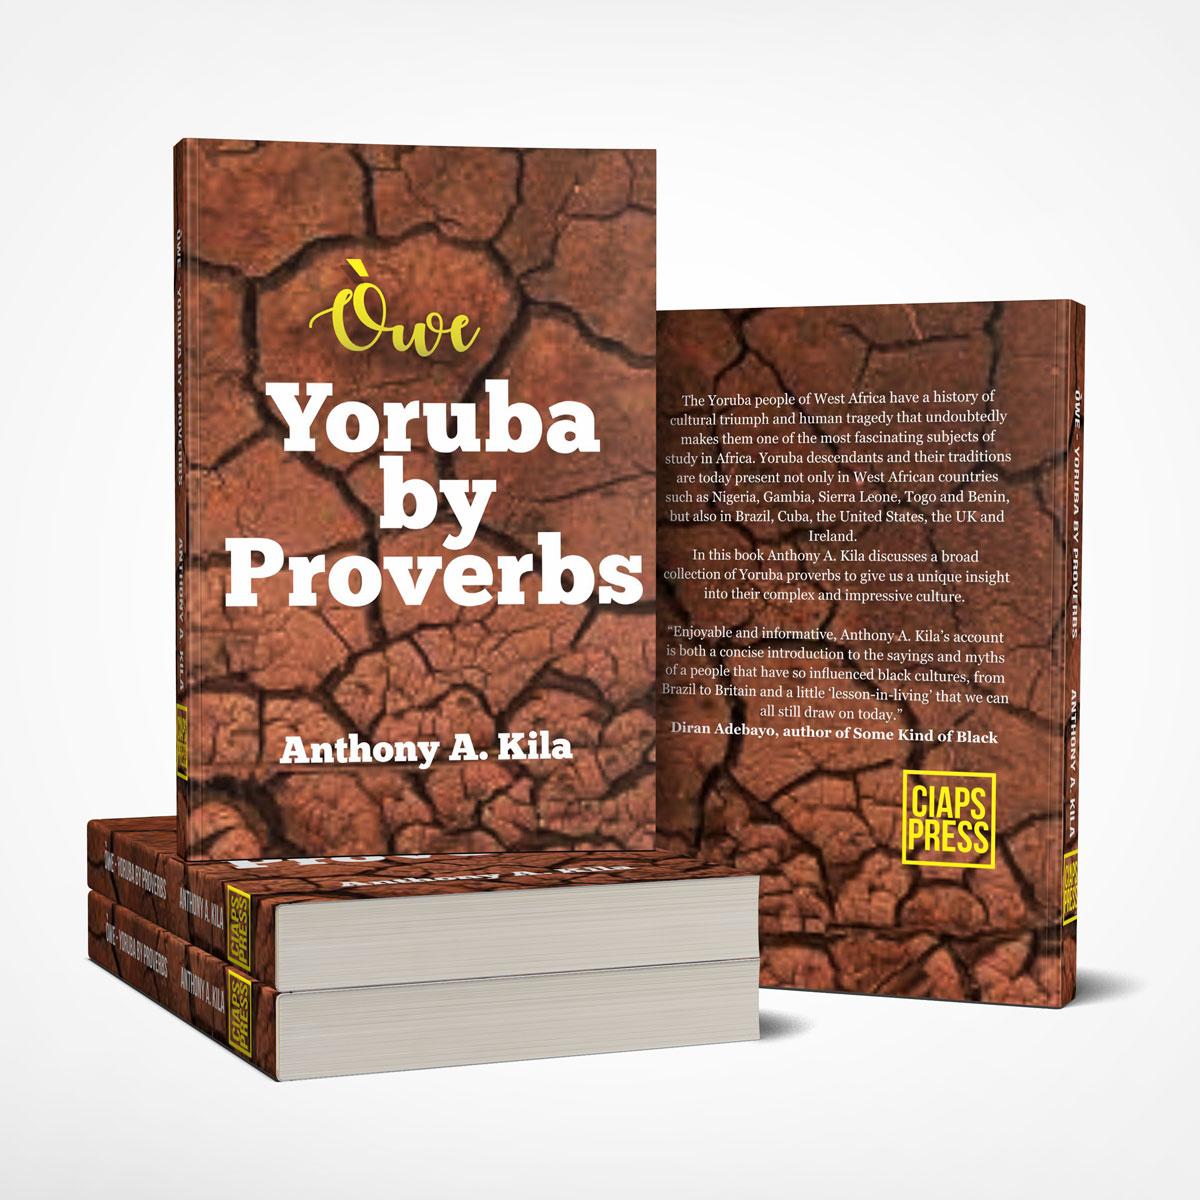 Owe - Yoruba by Proverbs